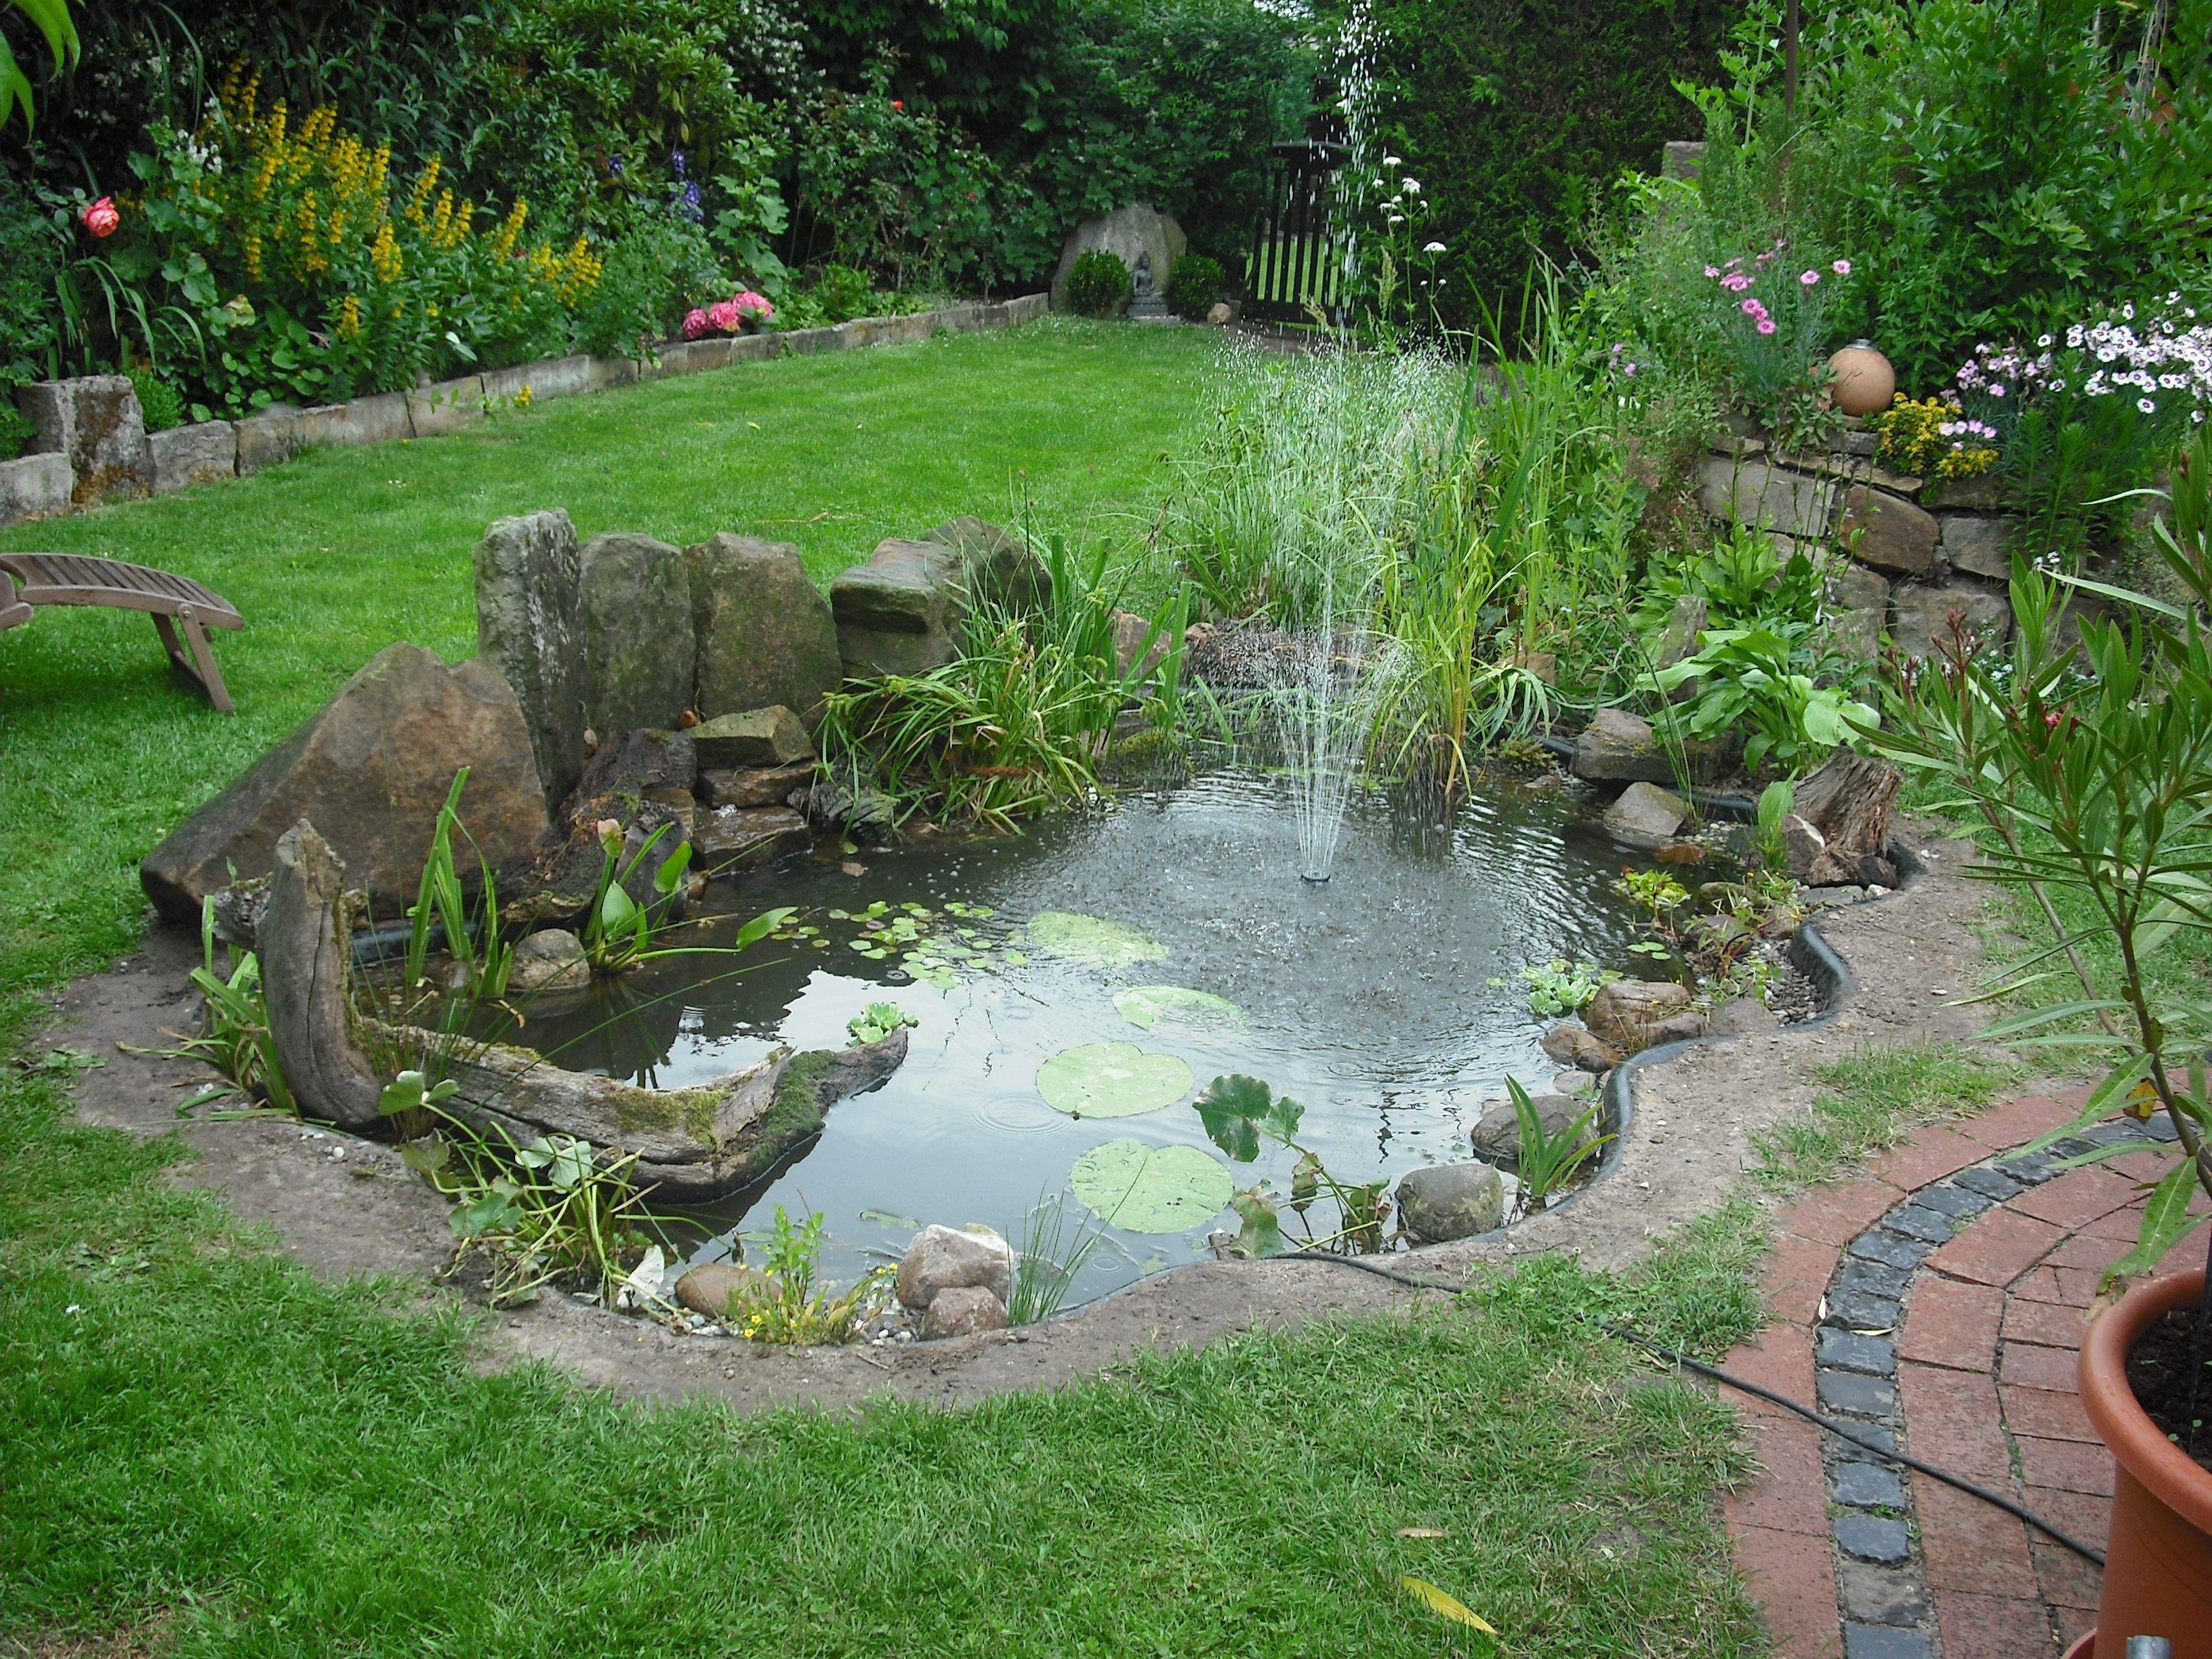 15 Ideen Fur Kleinen Gartenteich Garten Gestaltung Gartengestaltung Gartenstuhl Kinder Geniale Tricks Ideen Mein Garten Wasser Im Garten Garten Anlegen